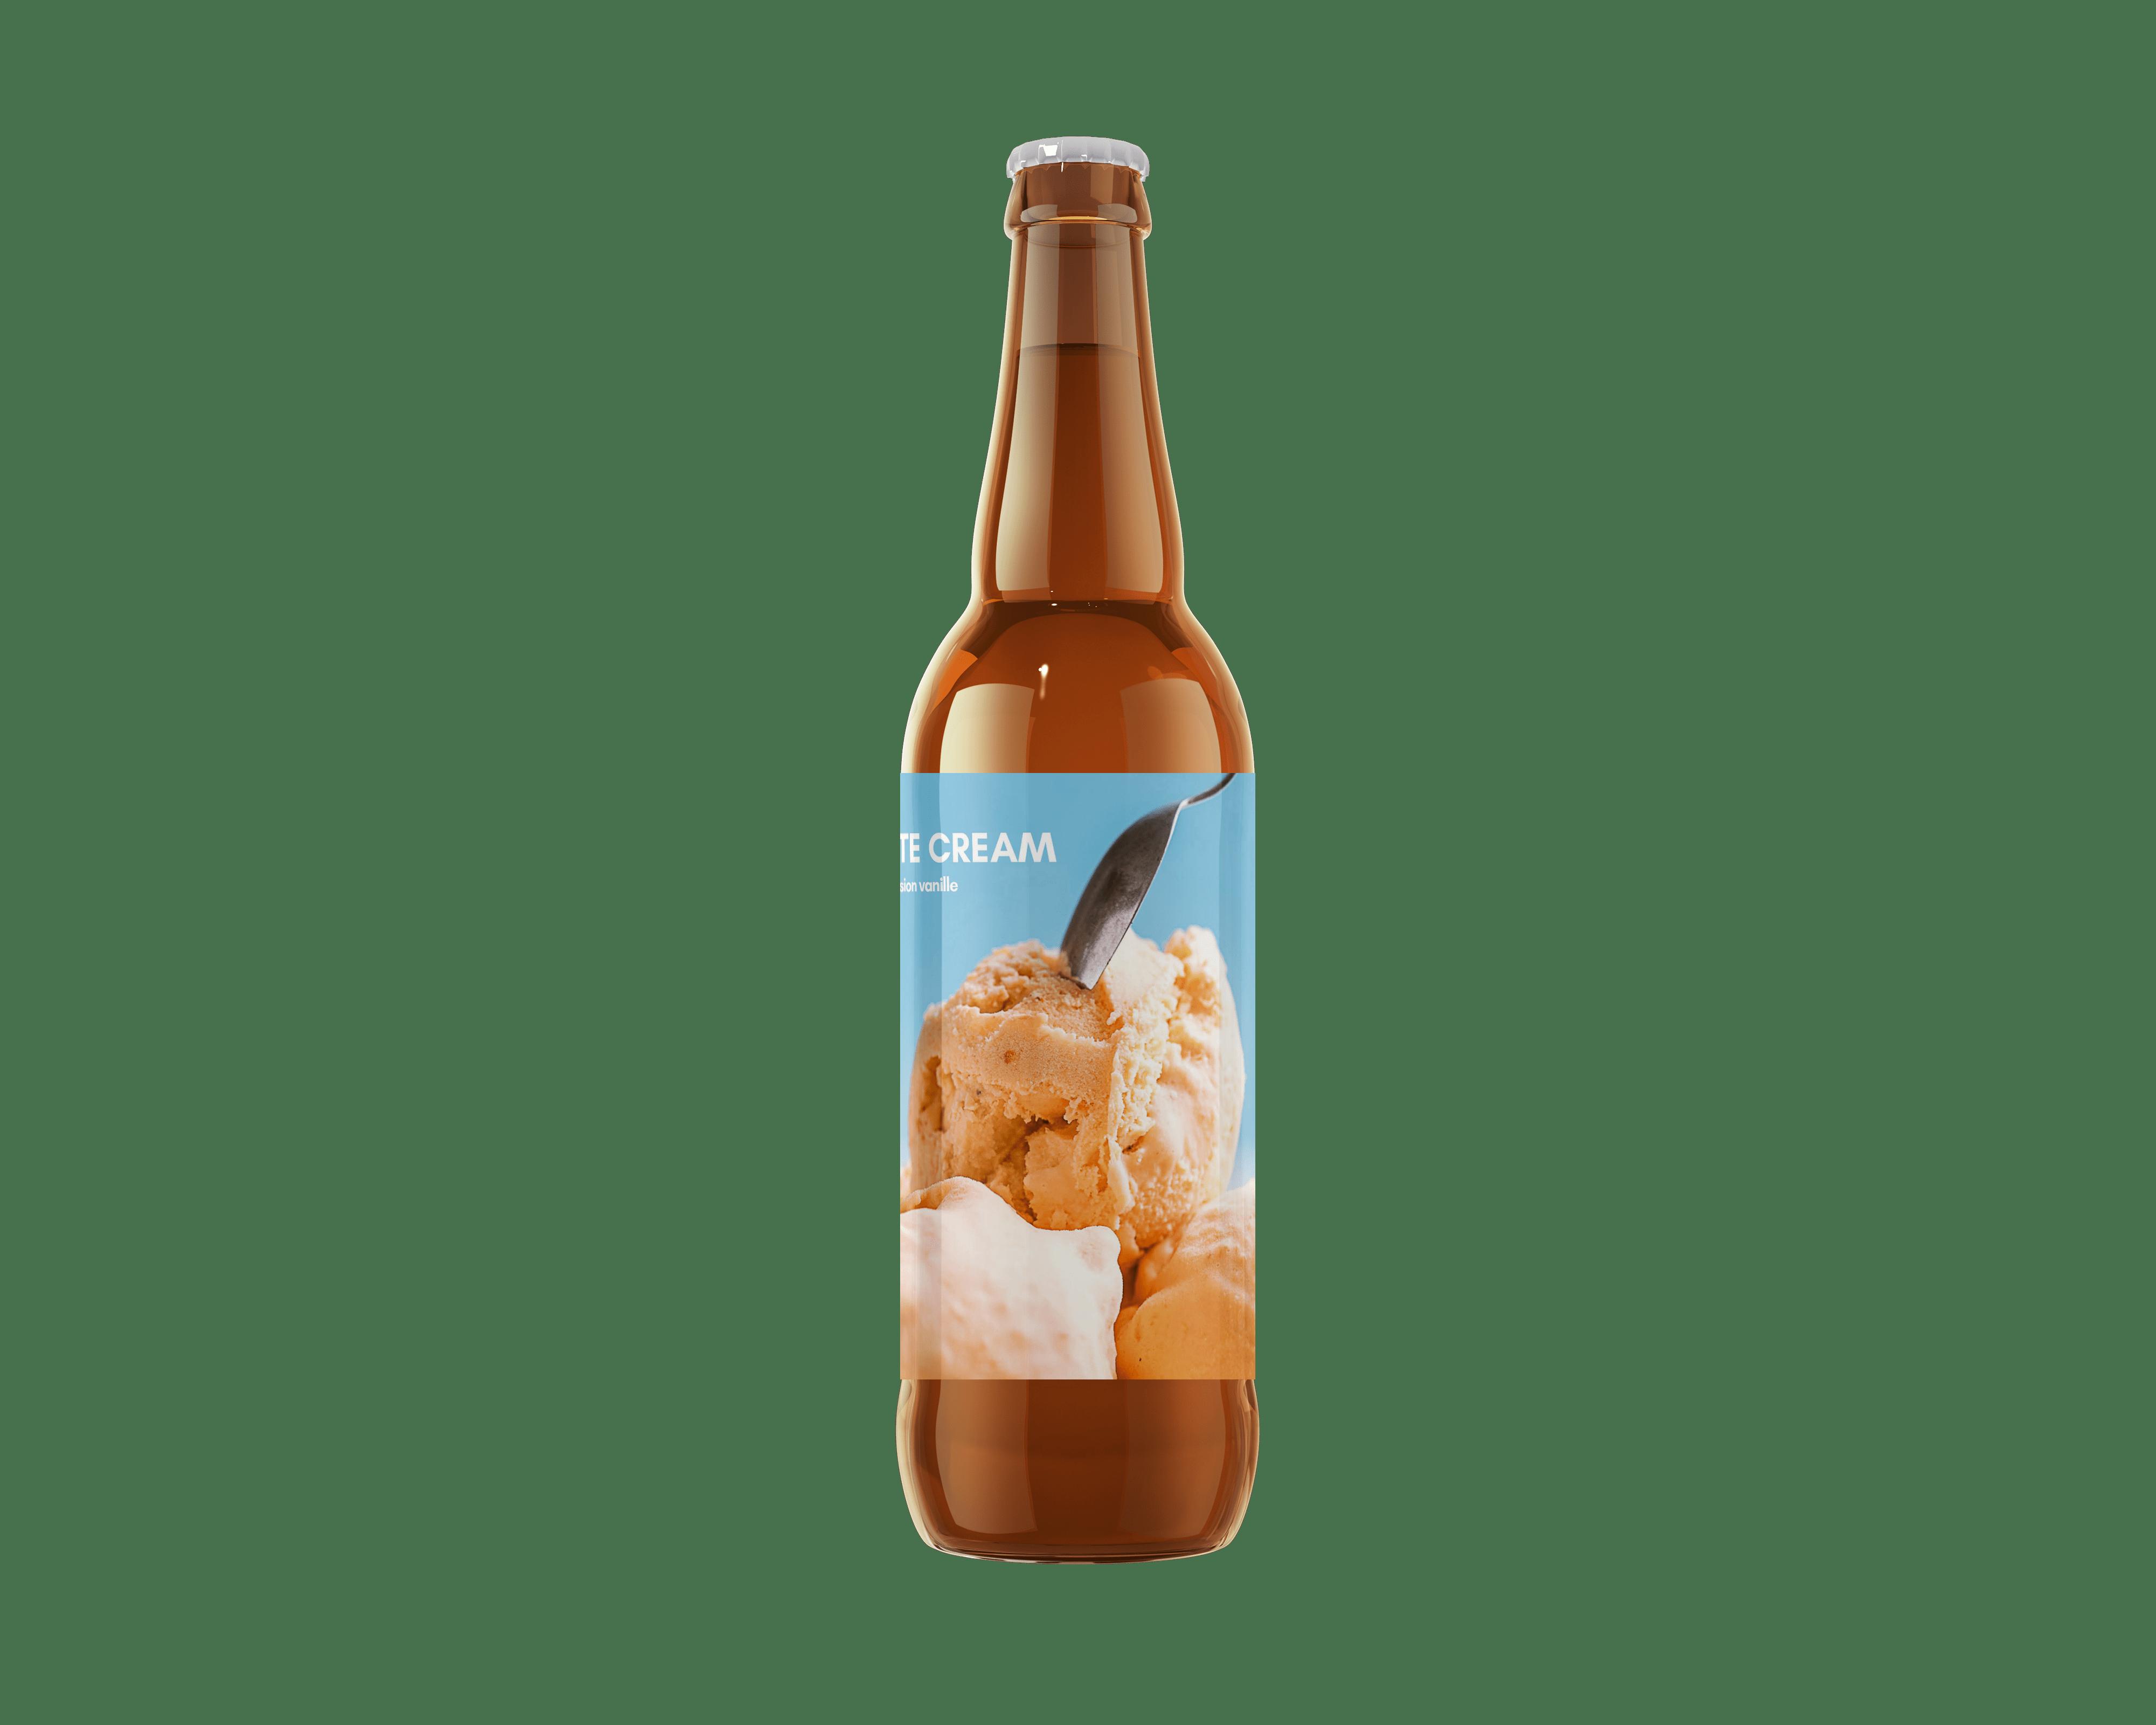 Passionate Cream